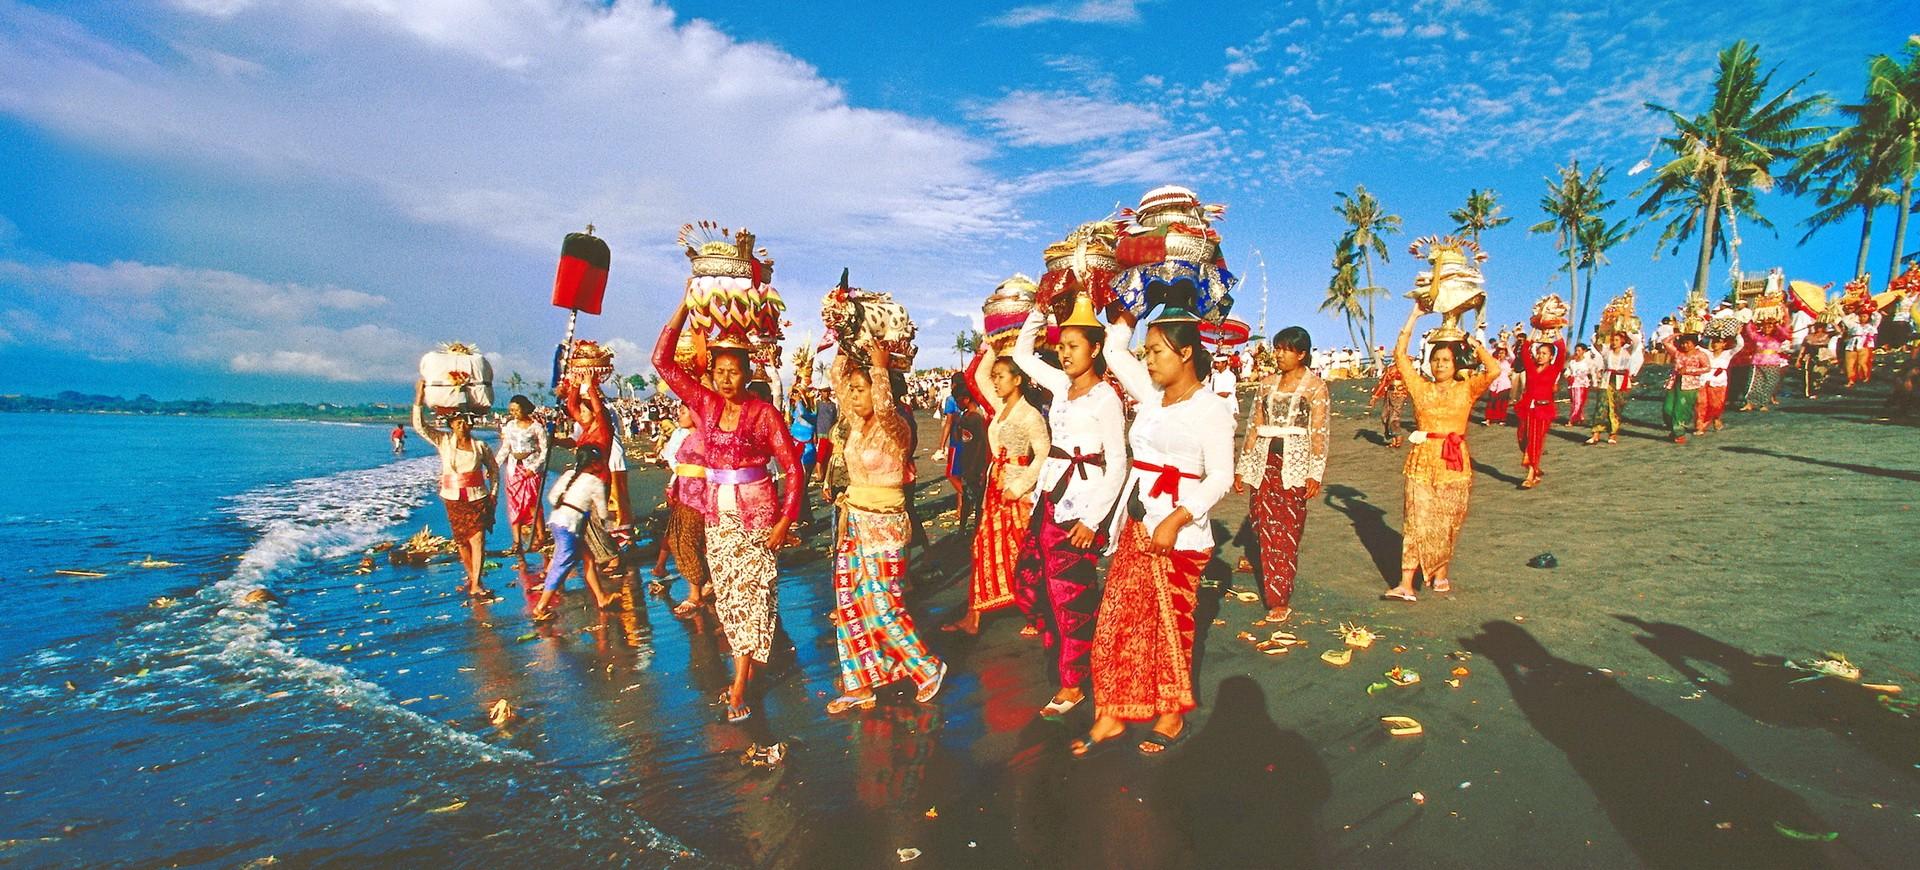 Fête de Besakhi à Bali